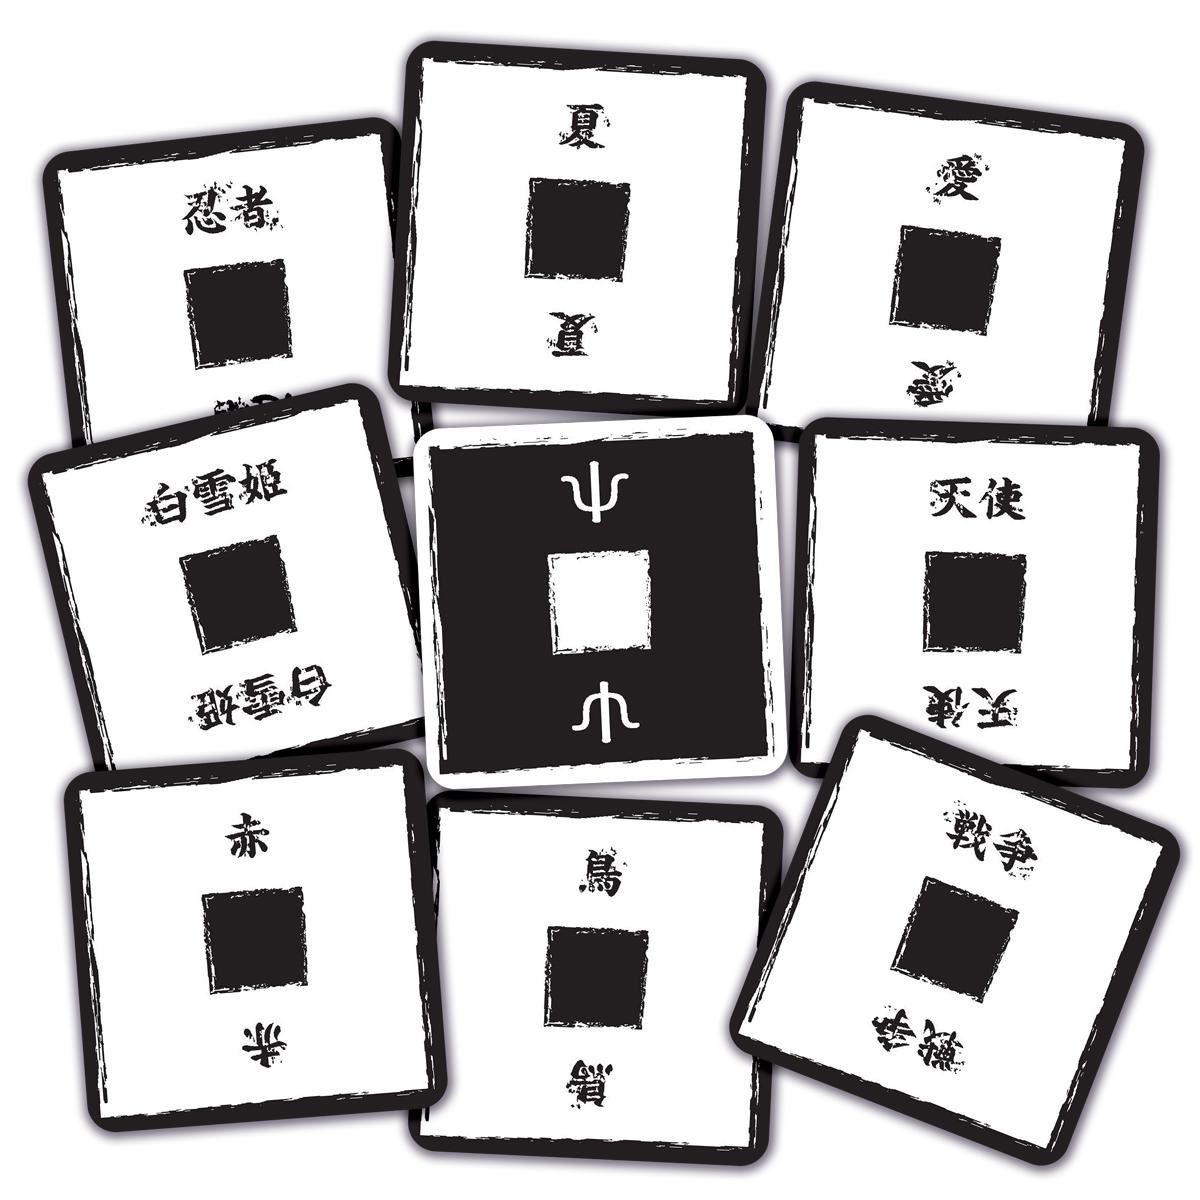 https://hobbyjapan.games/wp-content/uploads/2021/03/box_Rorschach_jp_wordcard.jpg